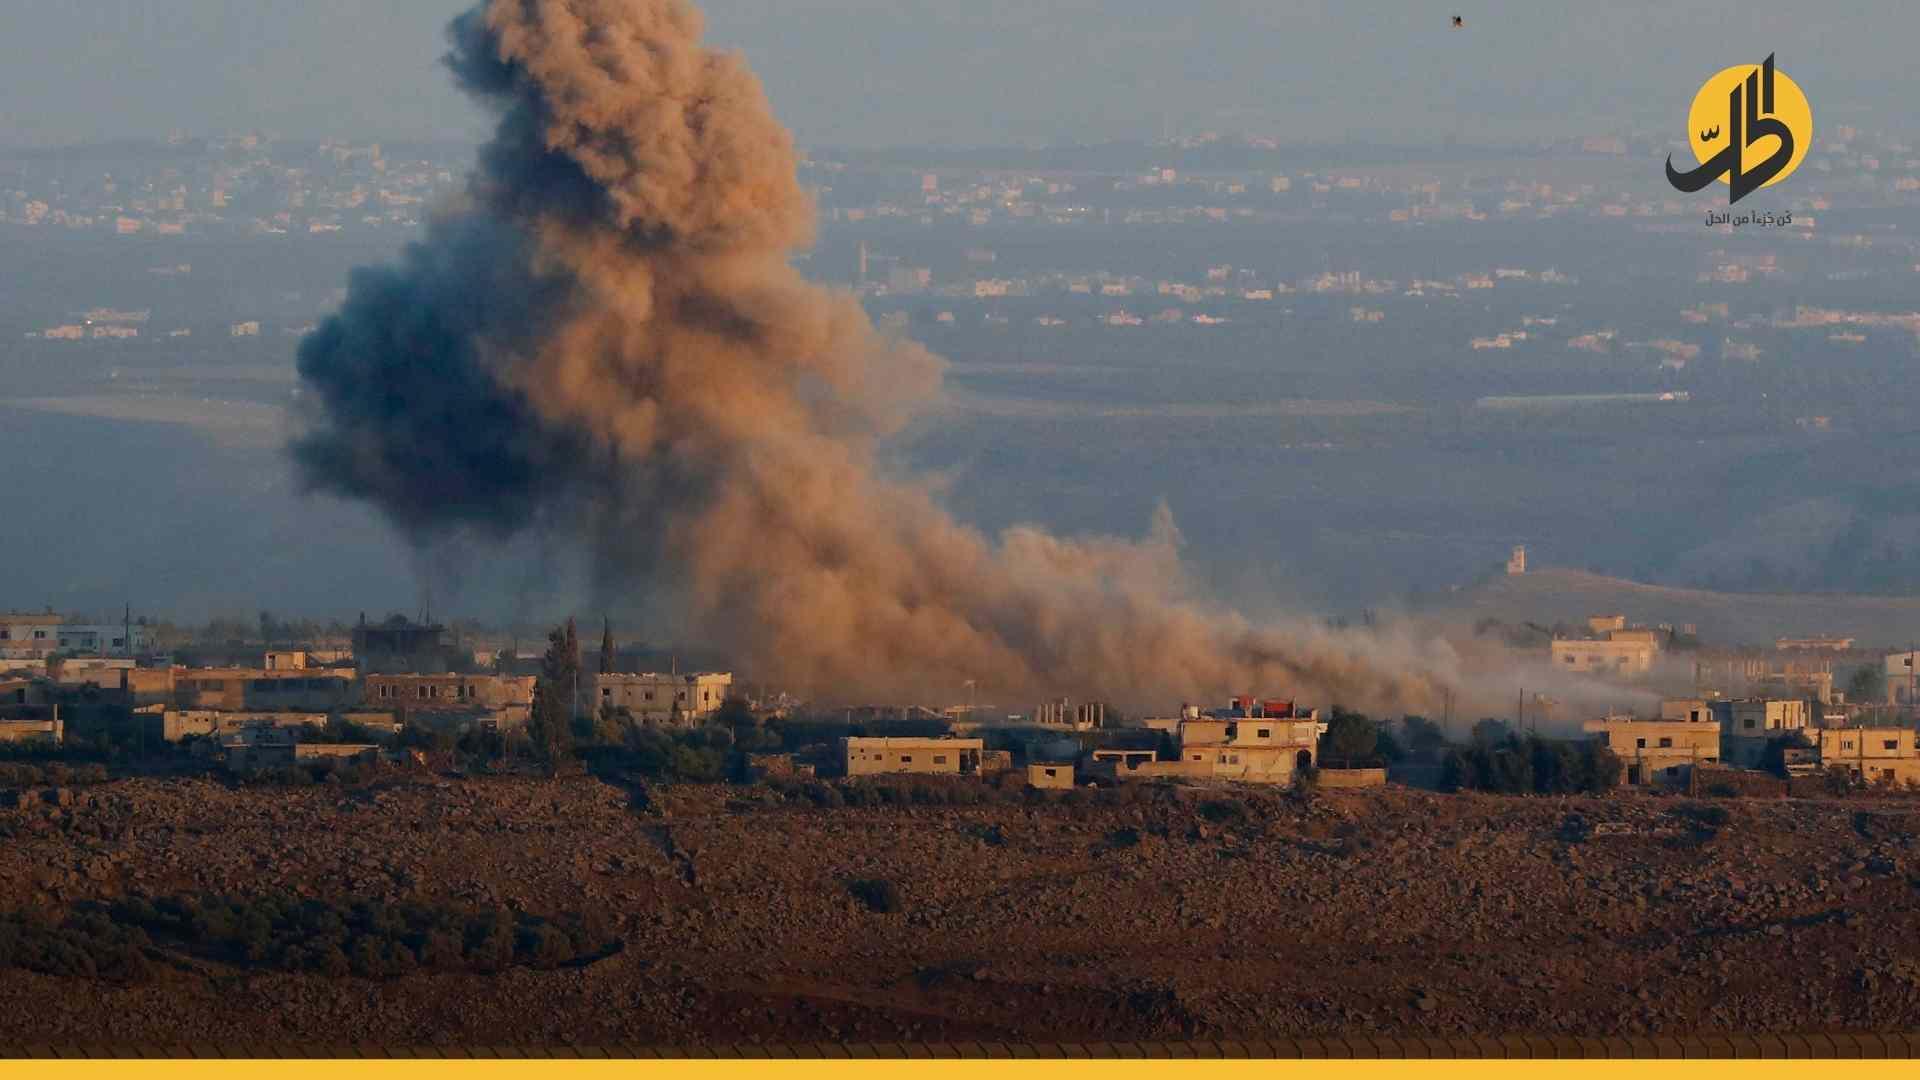 بعد منشوراتها.. إسرائيل تستهدف منزلاً في قرية شمال القنيطرة